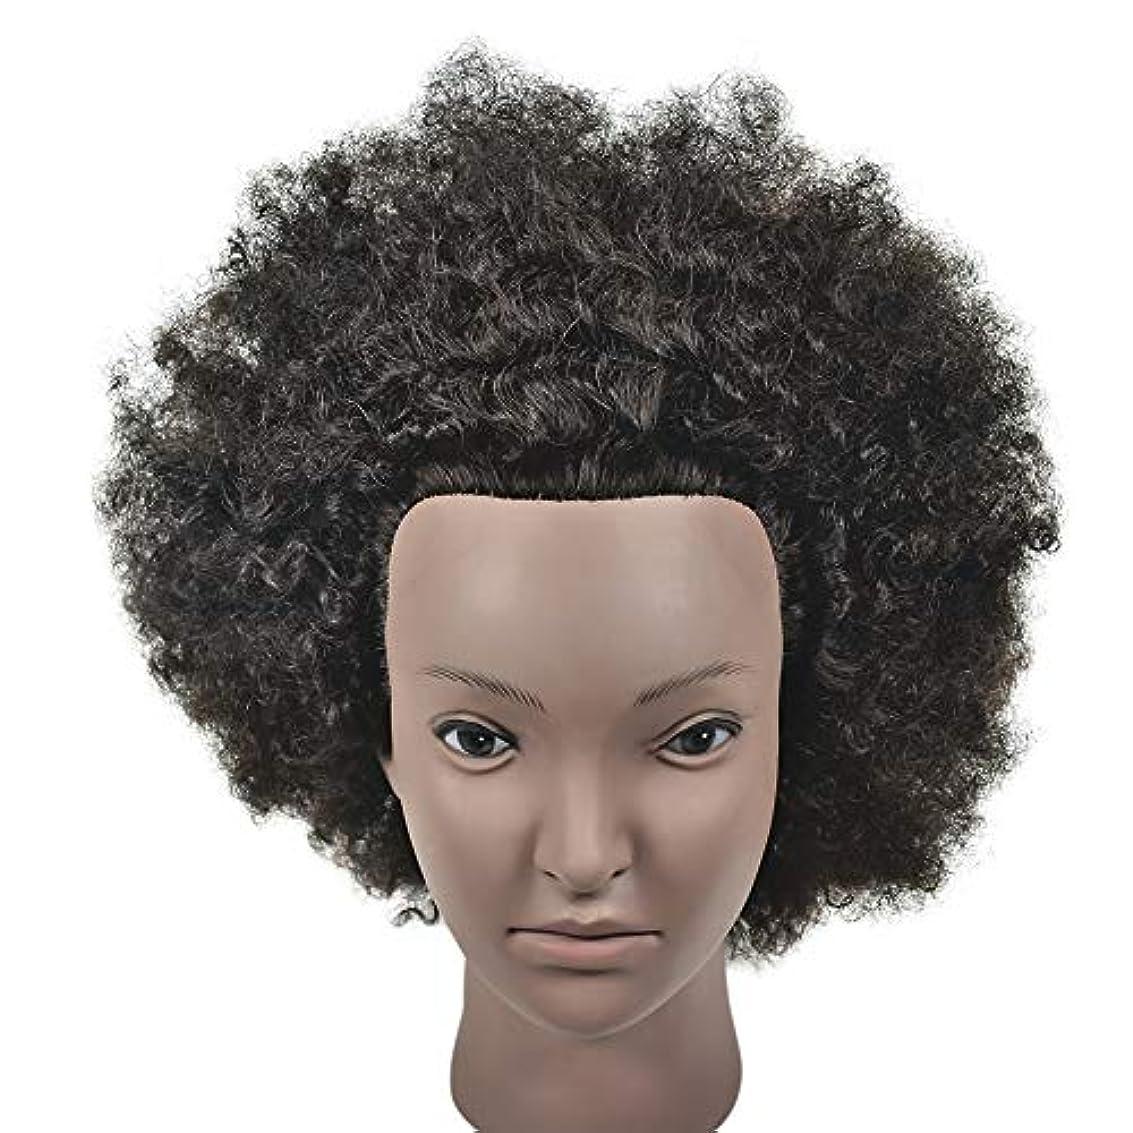 理髪店トリミングヘアエクササイズヘッドモールドメイクモデリング学習マネキンダミー爆発ヘッドブラック